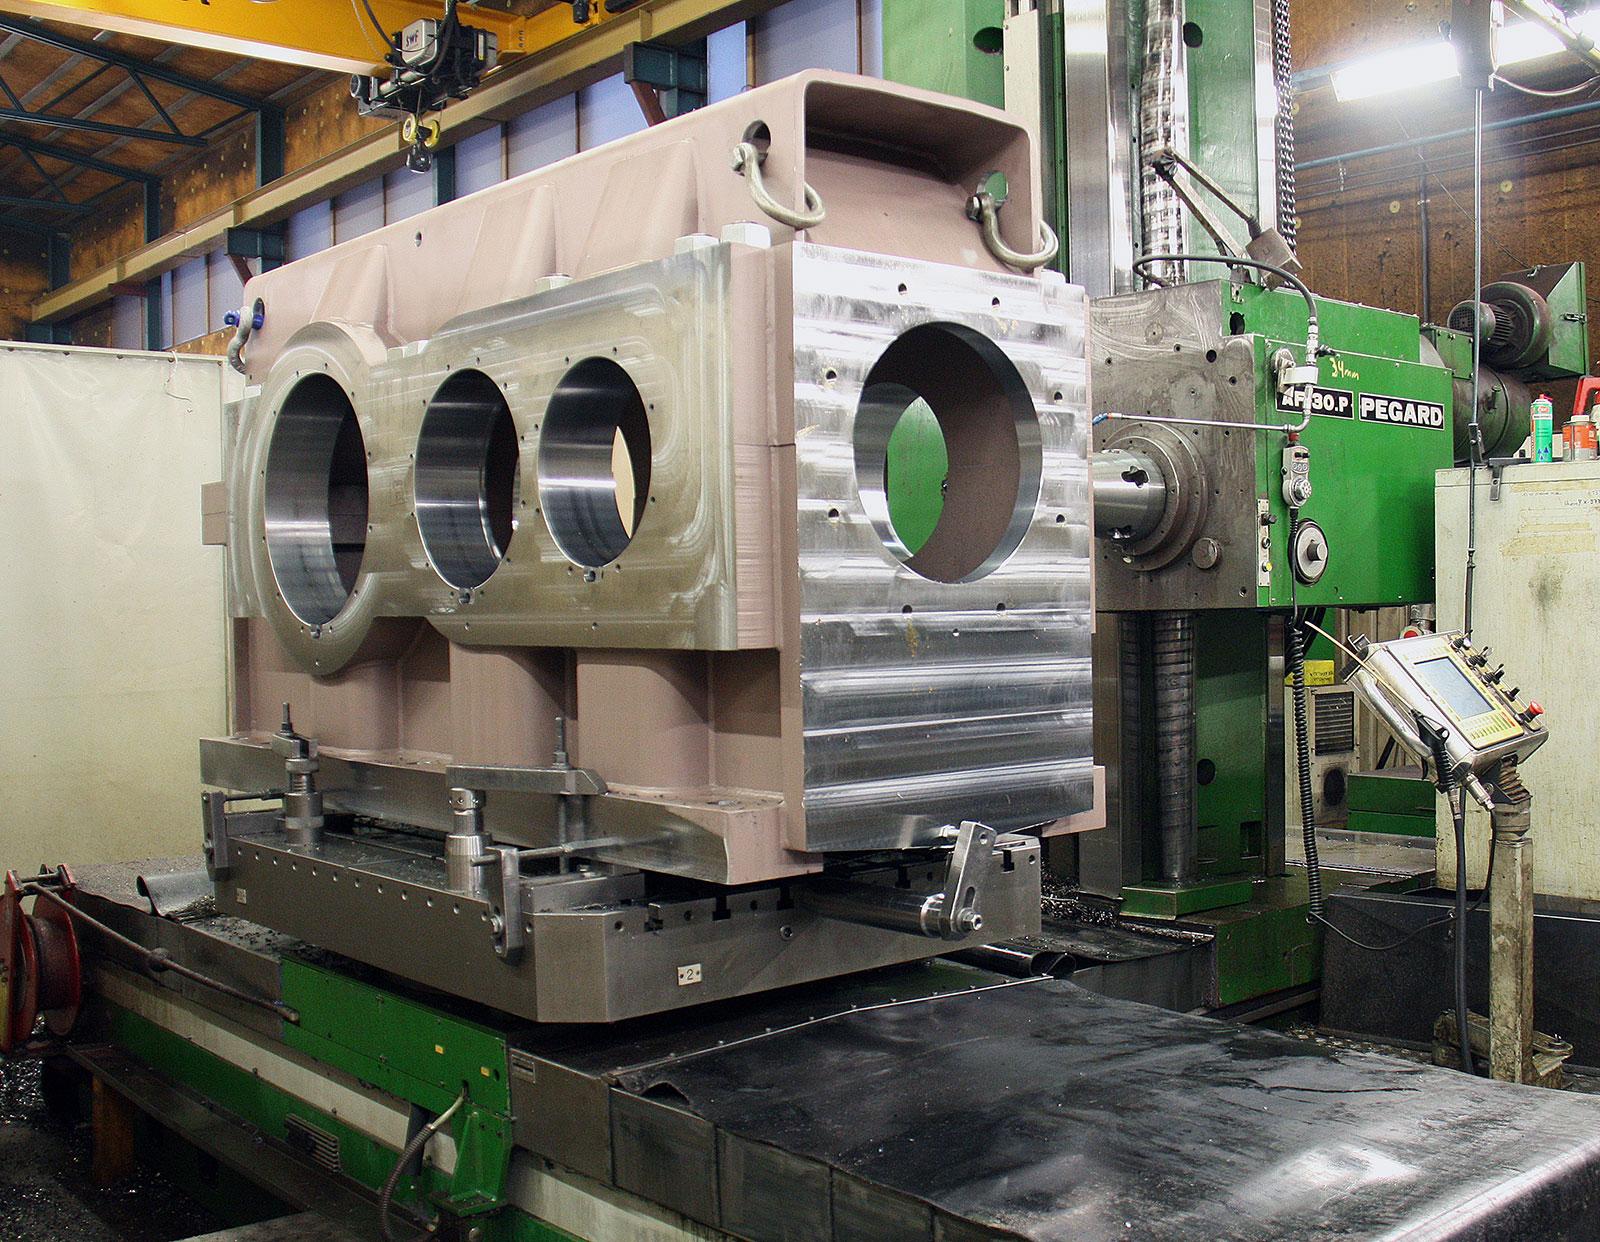 Alvarin-Metalli-alihankinta-konepaja-metalliteollisuus-koneistus-4